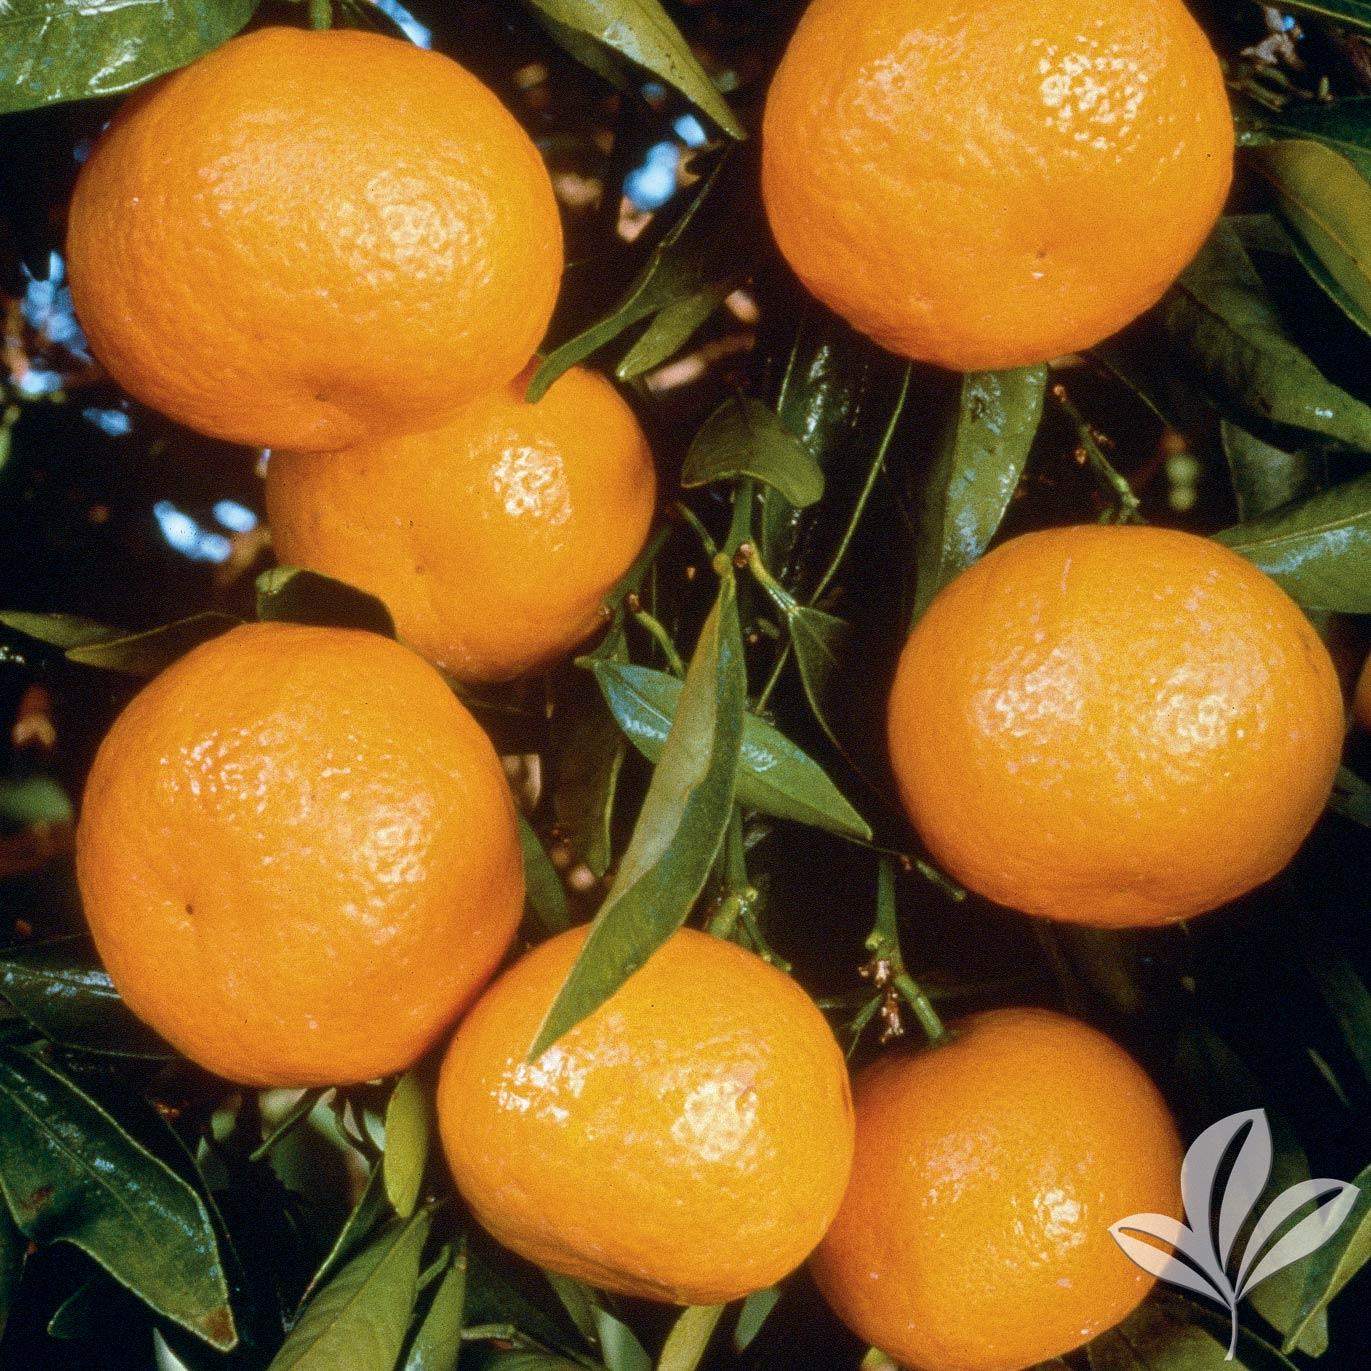 Ponkan Mandarin1026519.jpg